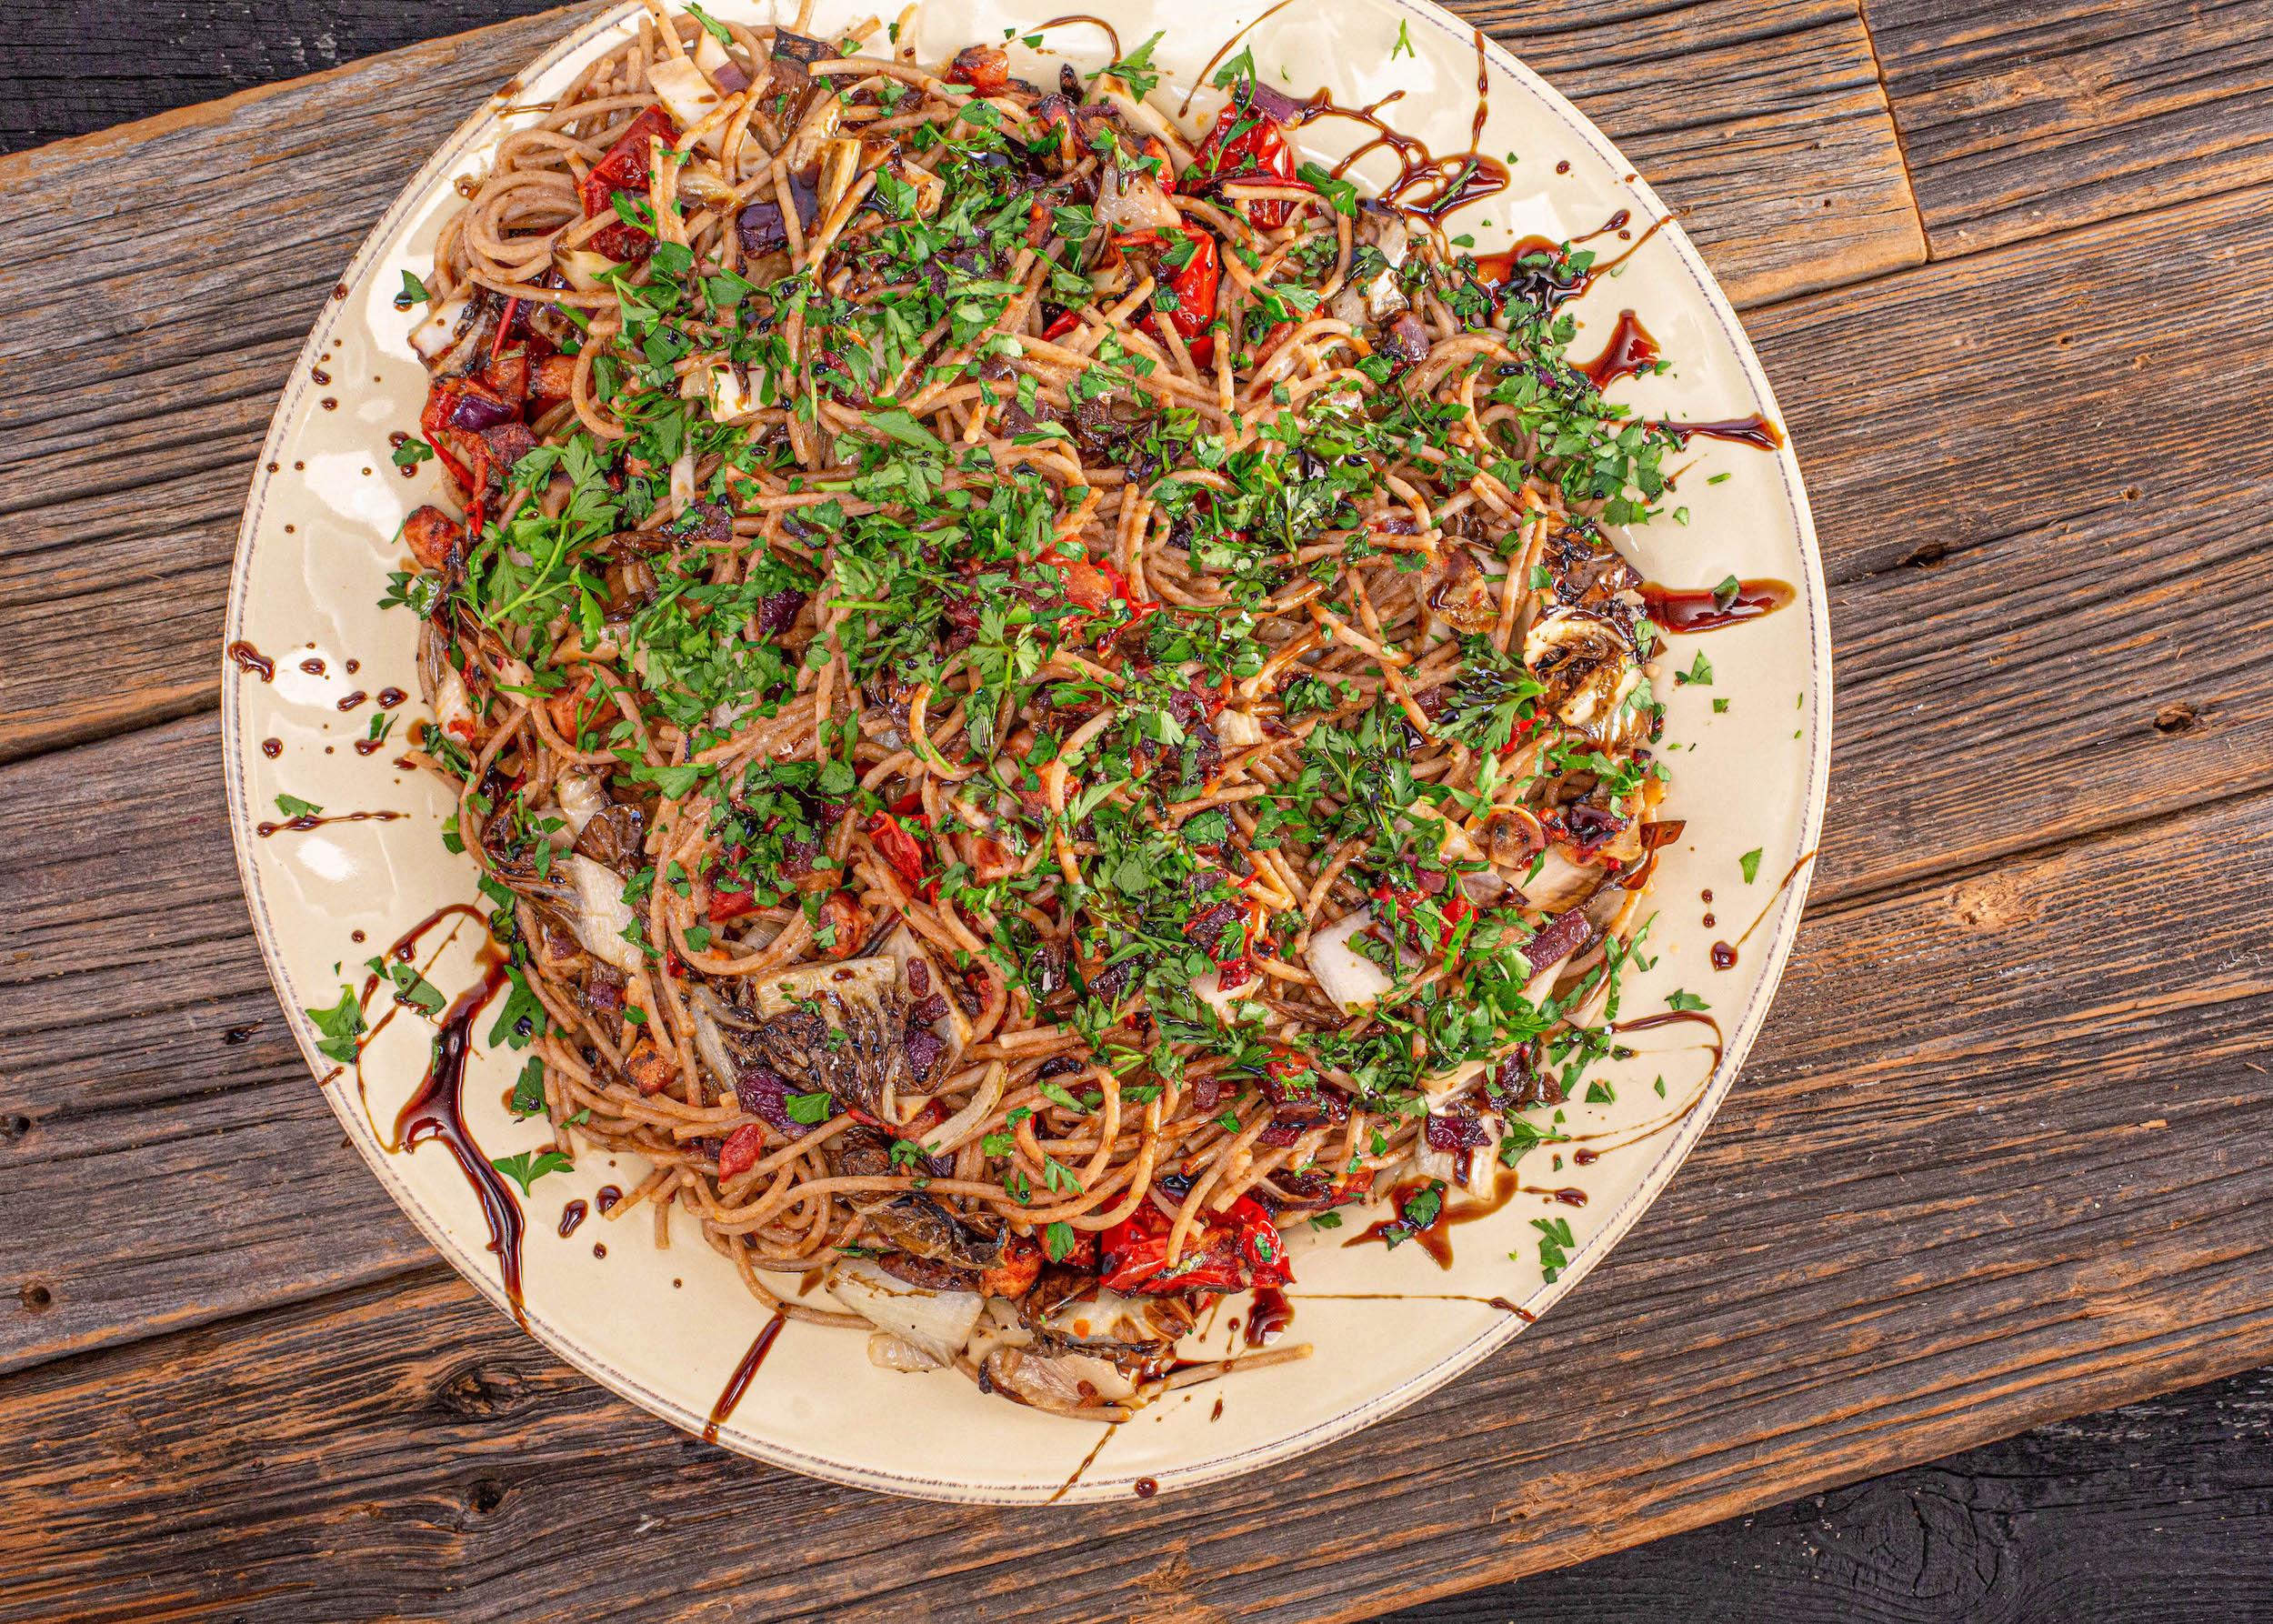 Bacon, Radicchio and Semi-Dried Tomato Pasta